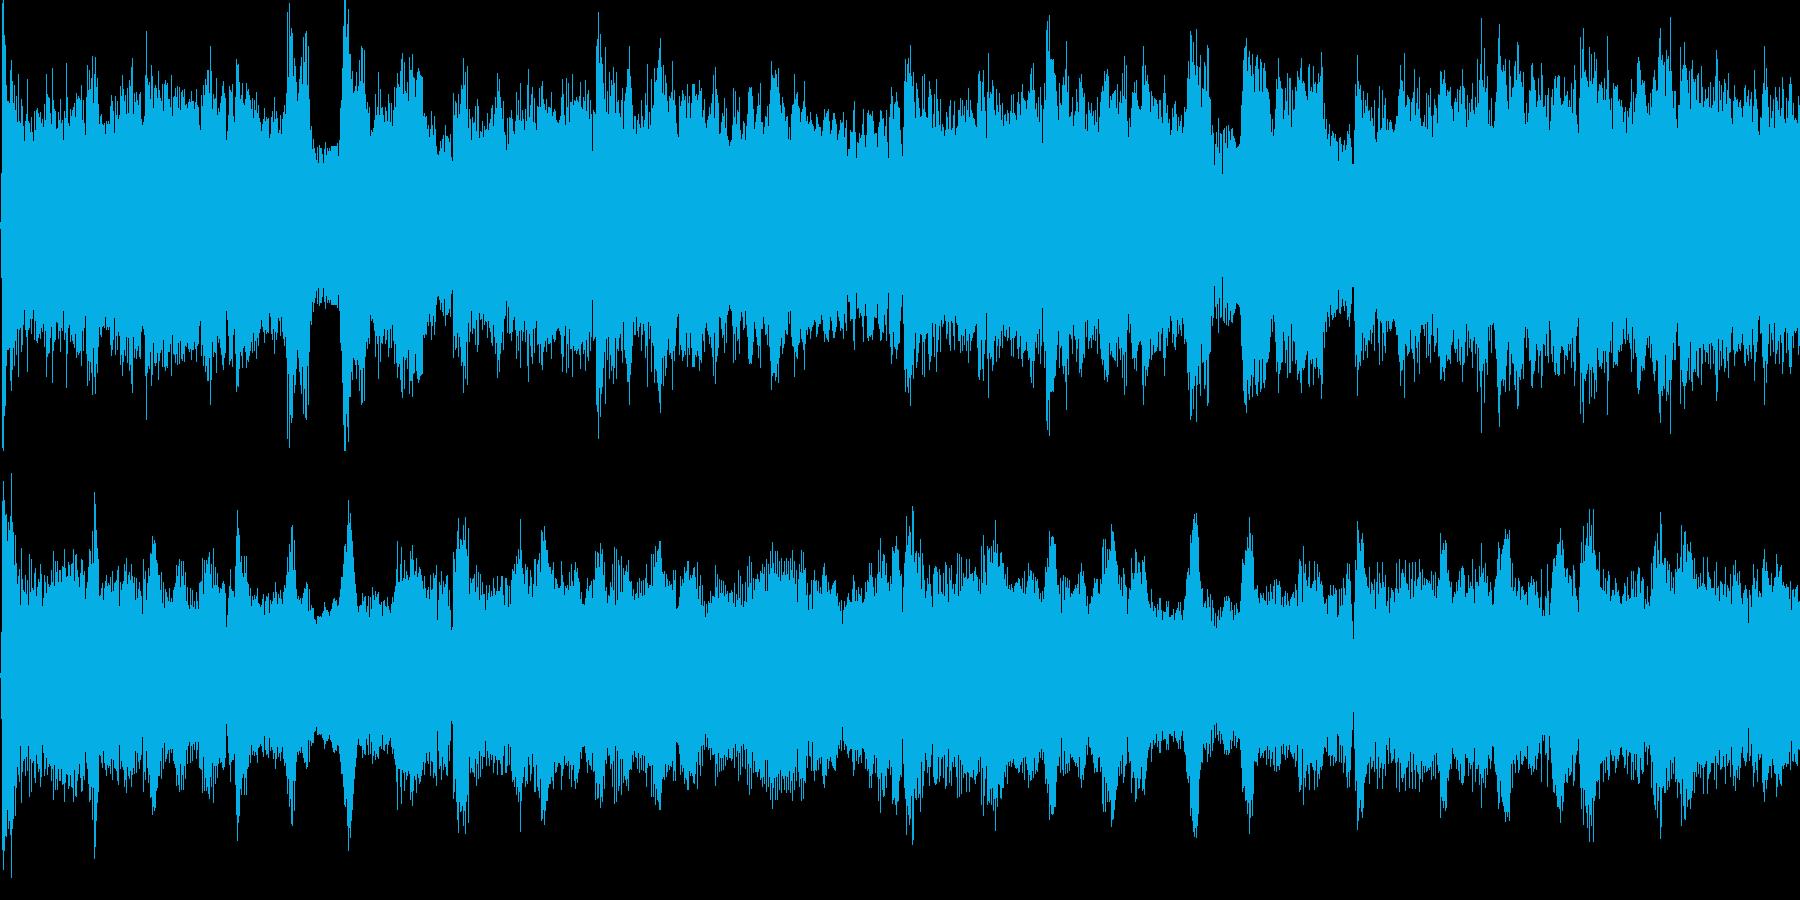 勇壮、悲壮なオーケストラ(ループ仕様)の再生済みの波形